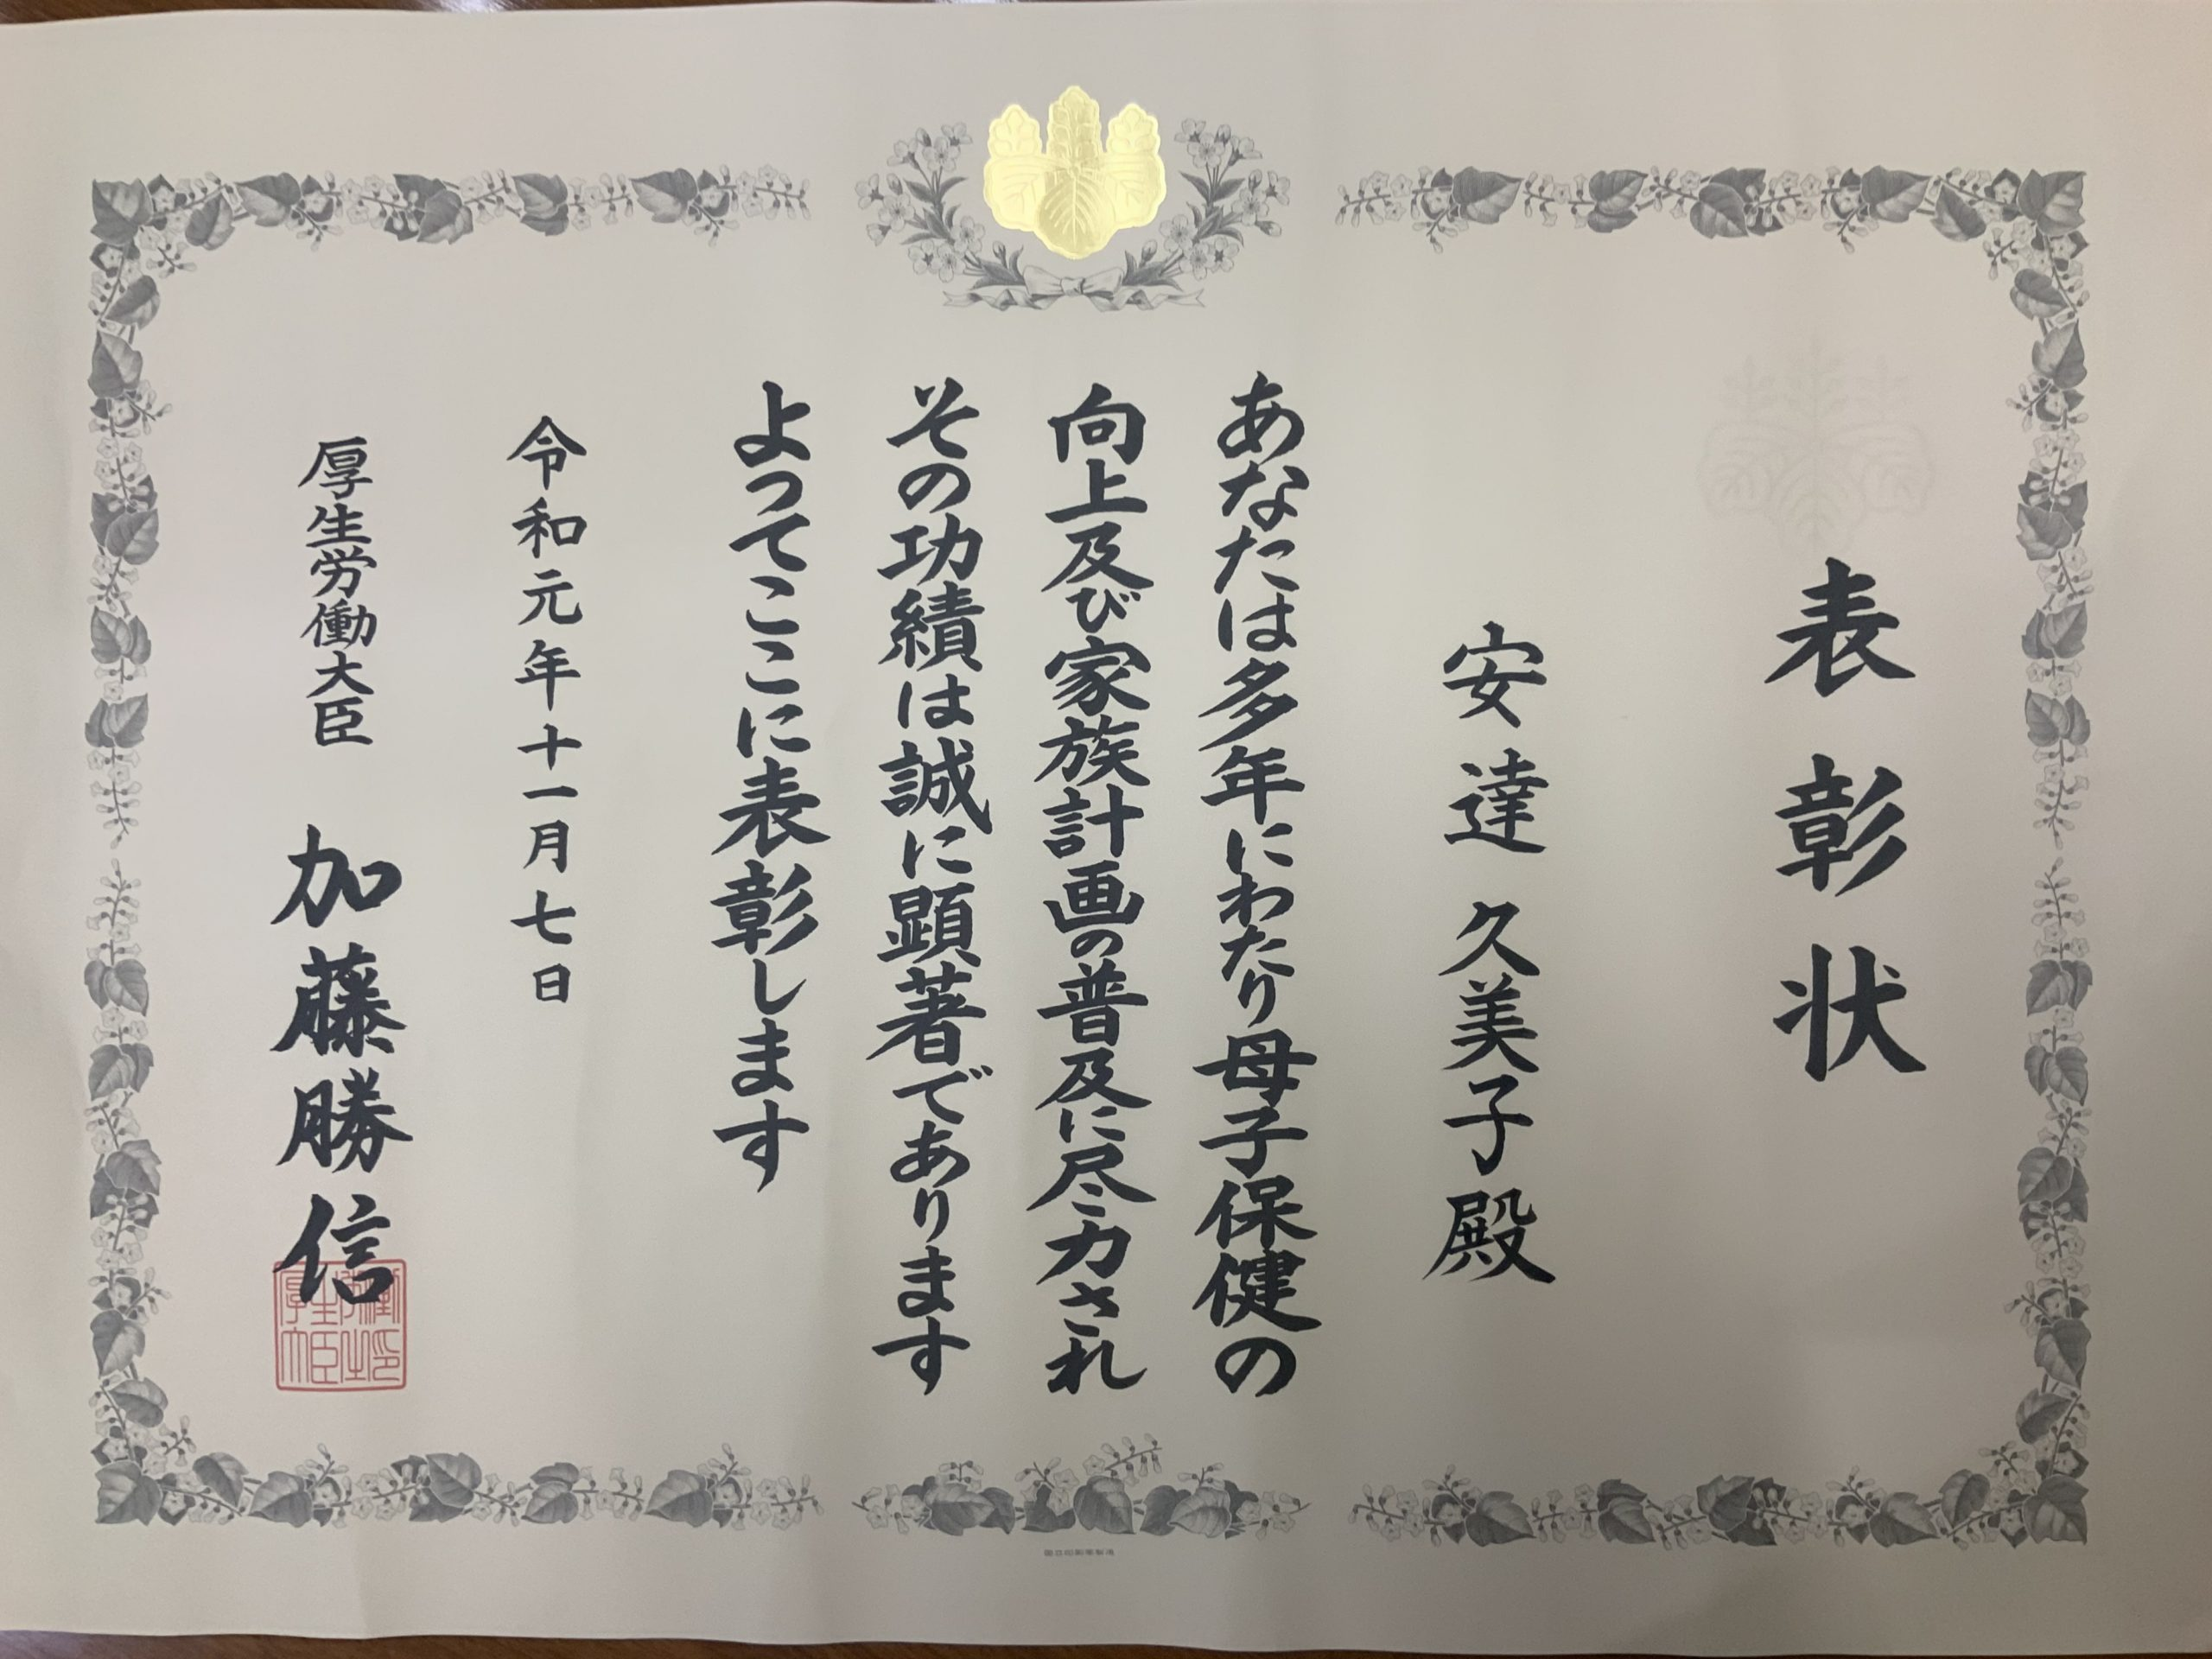 本学の安達久美子教授が、「令和元年度母子保健家族計画事業功労者厚生労働大臣表彰」を受賞しました。の画像